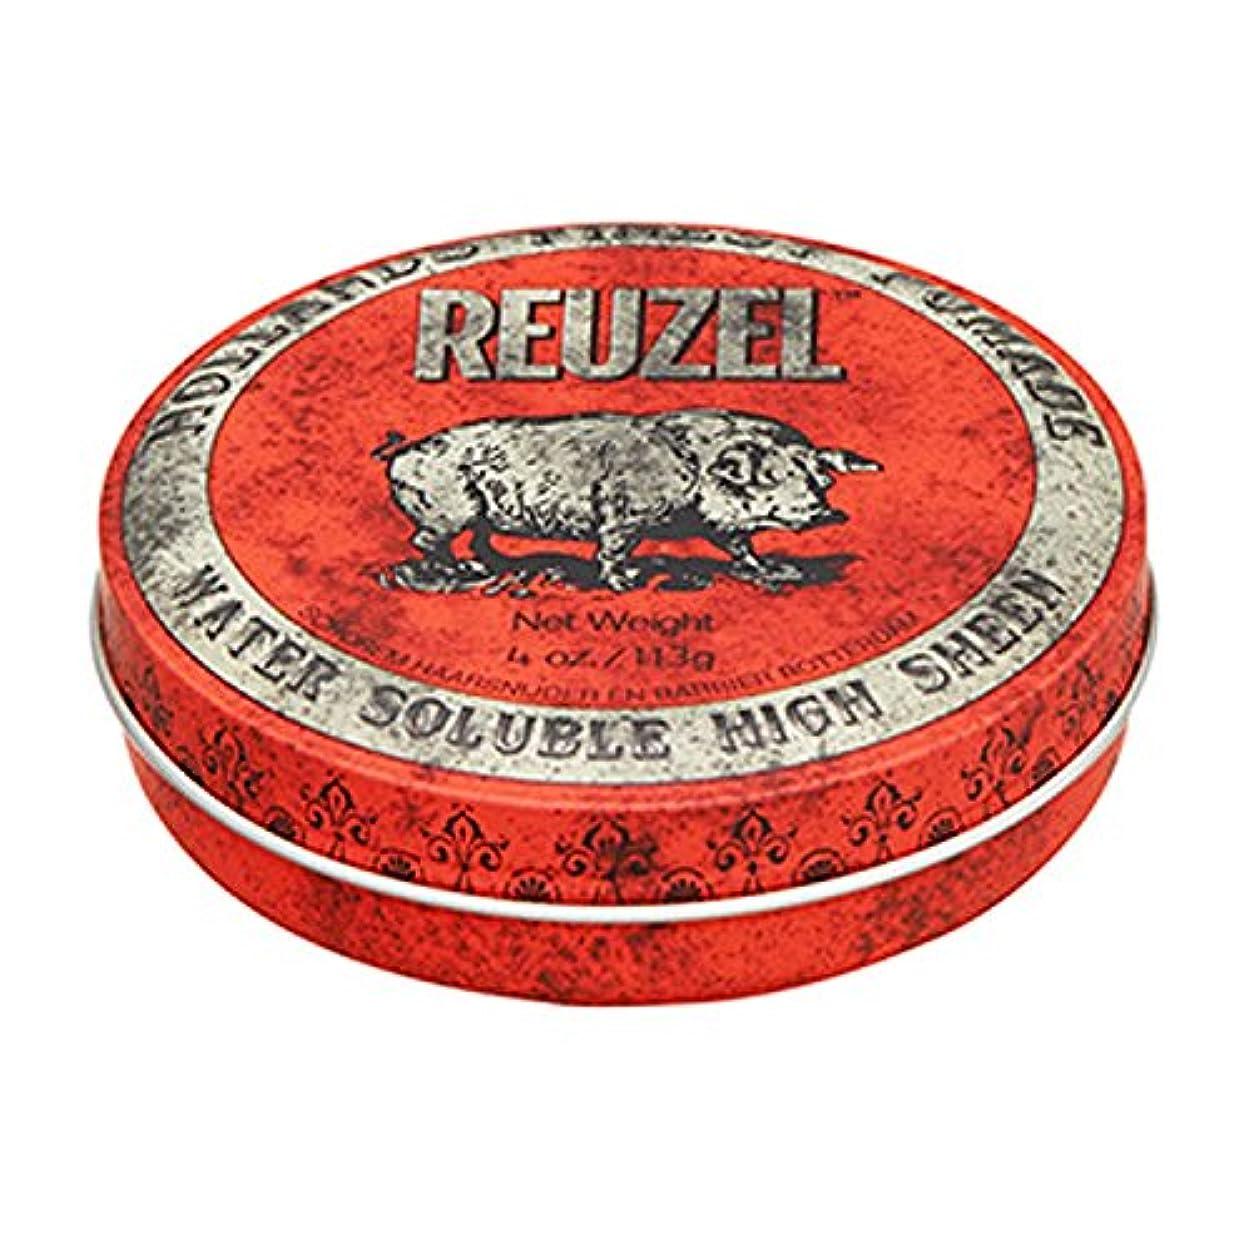 突然のタンパク質宣伝ルーゾー REUZEL HIGH SHEEN ノーマルホールド レッド 113g